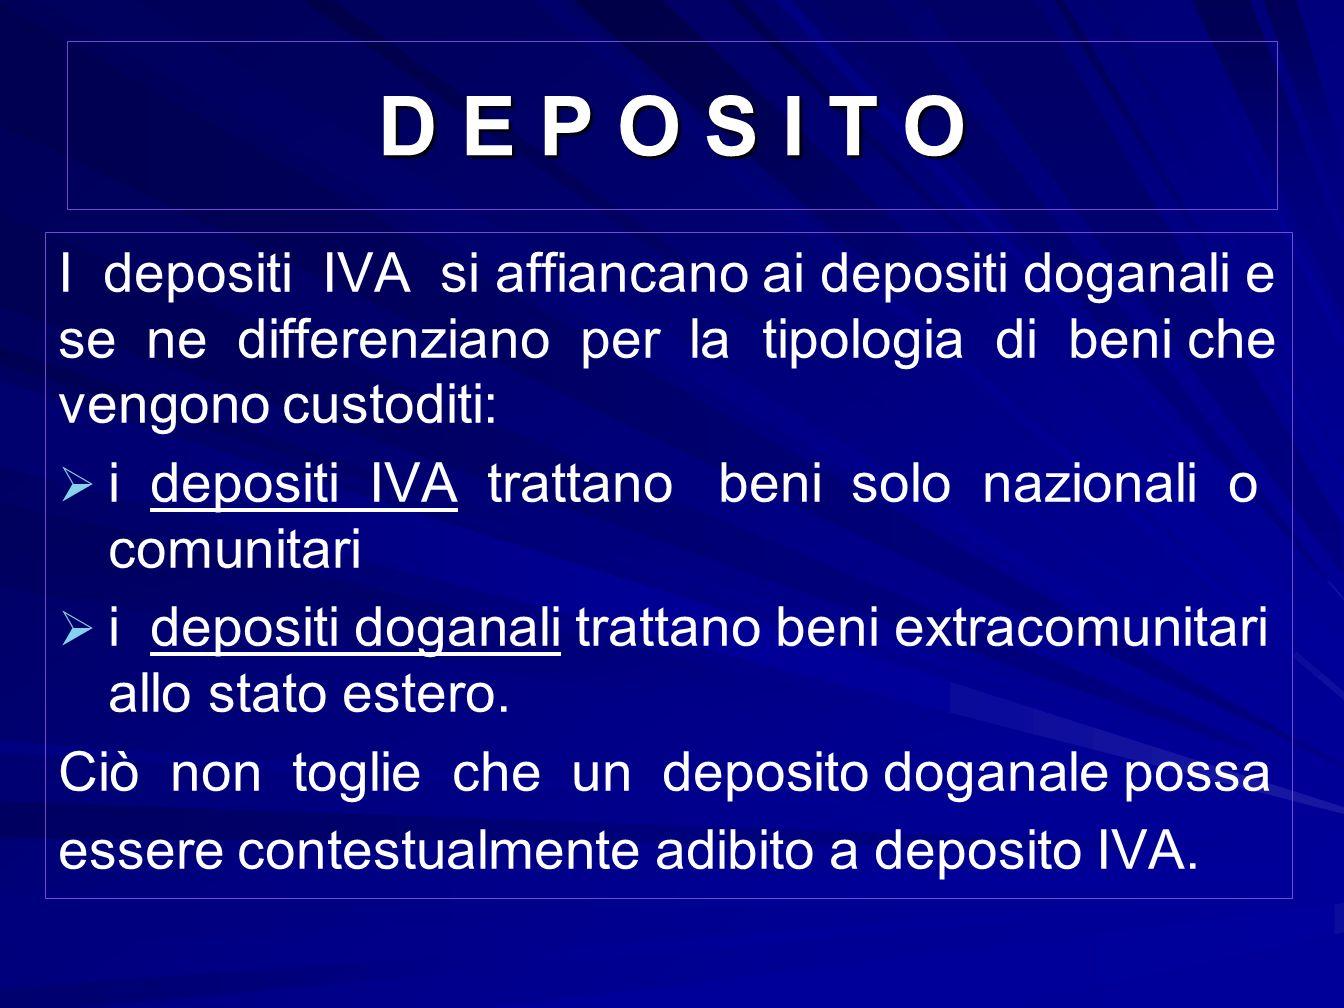 D E P O S I T O I depositi IVA si affiancano ai depositi doganali e se ne differenziano per la tipologia di beni che vengono custoditi: i depositi IVA